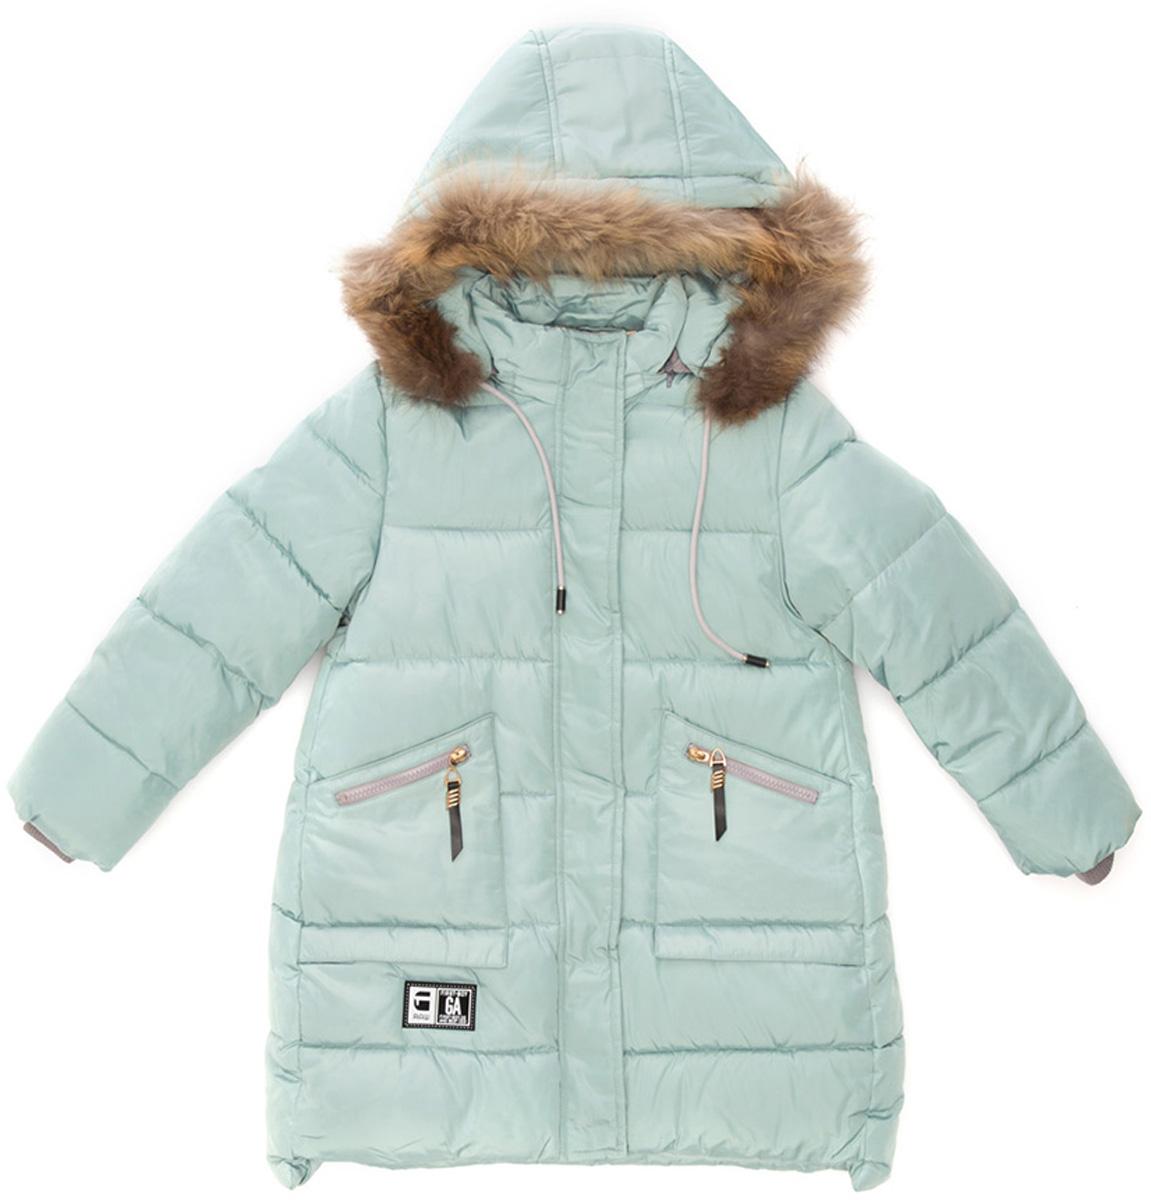 Куртка для девочки Vitacci, цвет: мятный. 2171477-32. Размер 1462171477-32Удлиненная куртка для девочки Vitacci, изготовленная из полиэстера, станет стильнымдополнением к детскому гардеробу.Подкладка выполнена из полиэстера и дополнительно утеплена флисом по спинке. В качестве наполнителя используется биопух.Модель застегивается на застежку-молнию. Имеются съемный капюшон с опушкой из натурального меха и ветрозащитная планка. Спереди расположены два кармана на молнии.Температурный режим от -10°С до -25°С.Теплая, удобная и практичная куртка идеально подойдет юной моднице для прогулок!